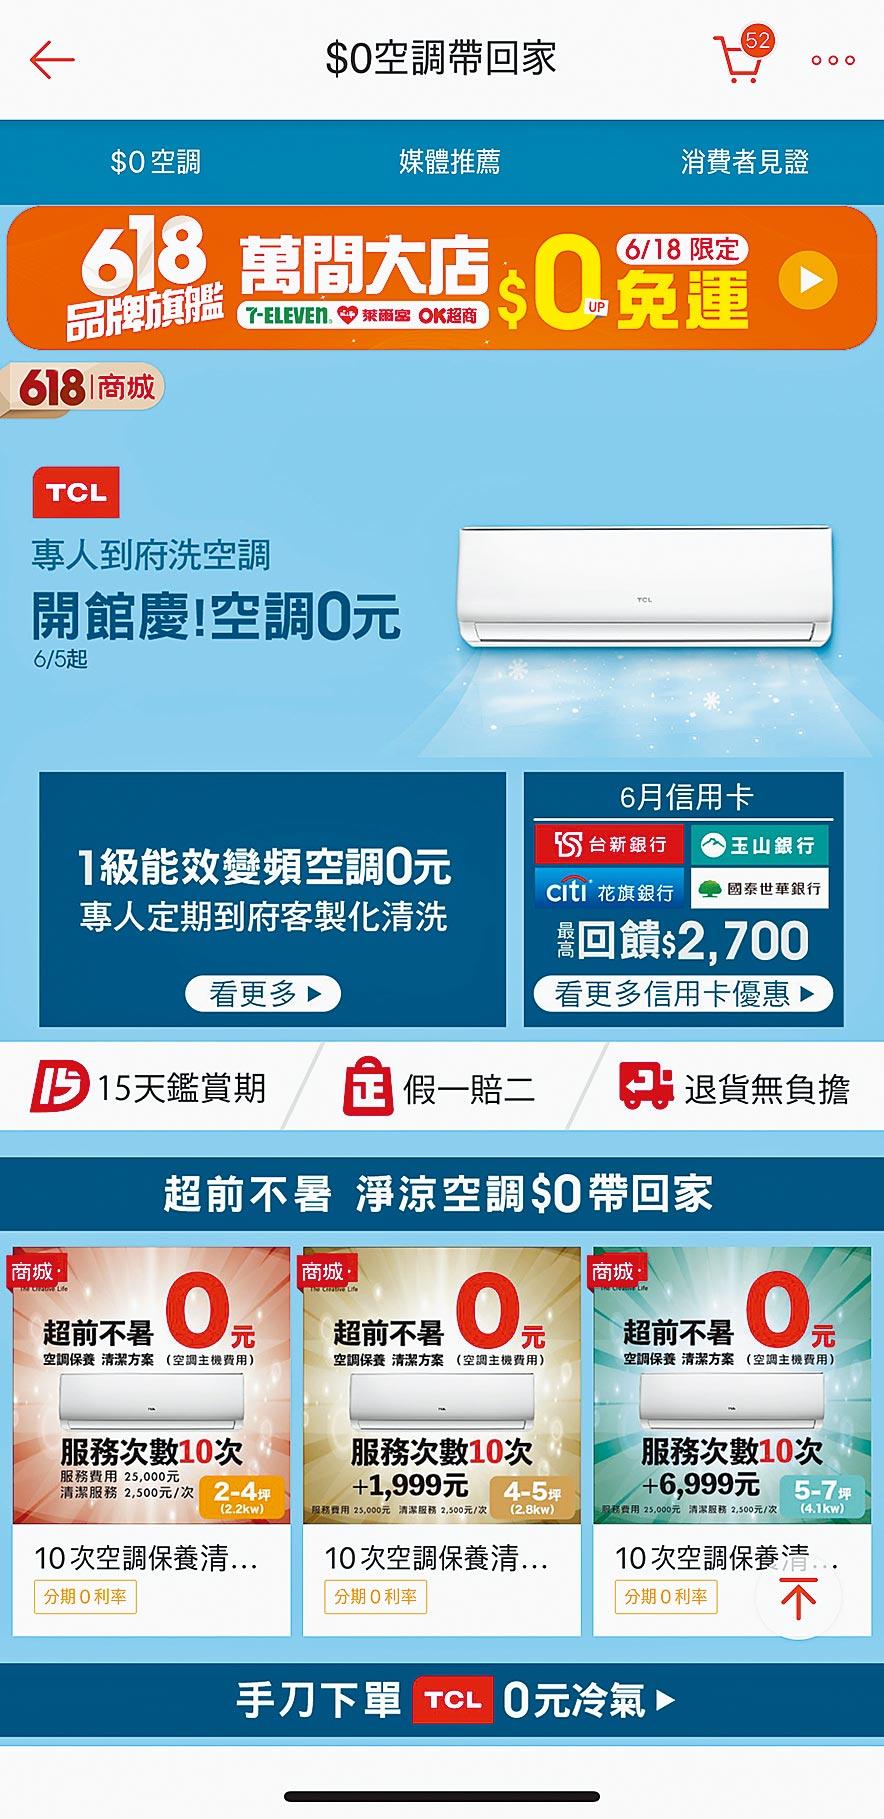 串點科技的「呼叫黃背心」最近在蝦皮購物上推出全新「0元空調」活動,只要買10次或以上的清洗空調服務,即送空調1台。(串點科技提供)